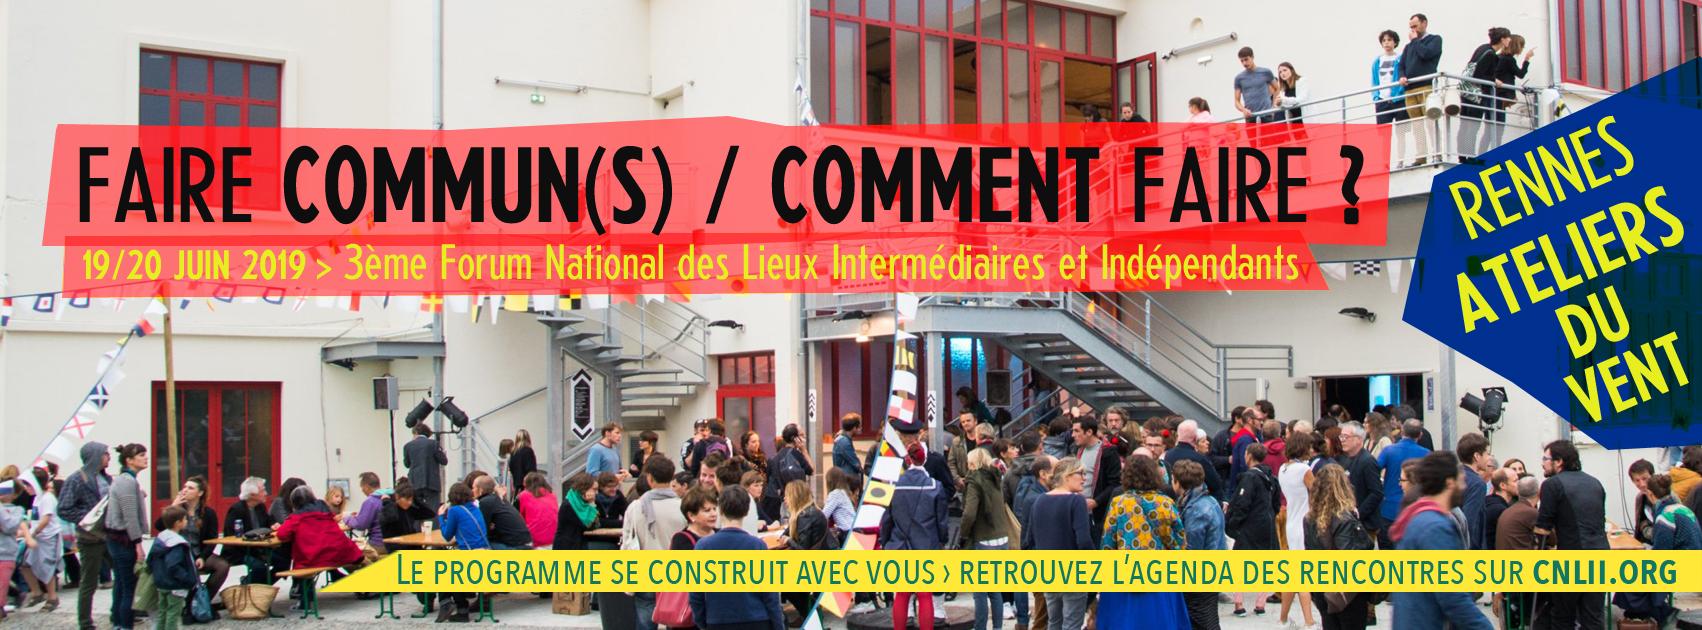 Inscrivez-vous et préparez votre déplacement sur Rennes dès maintenant